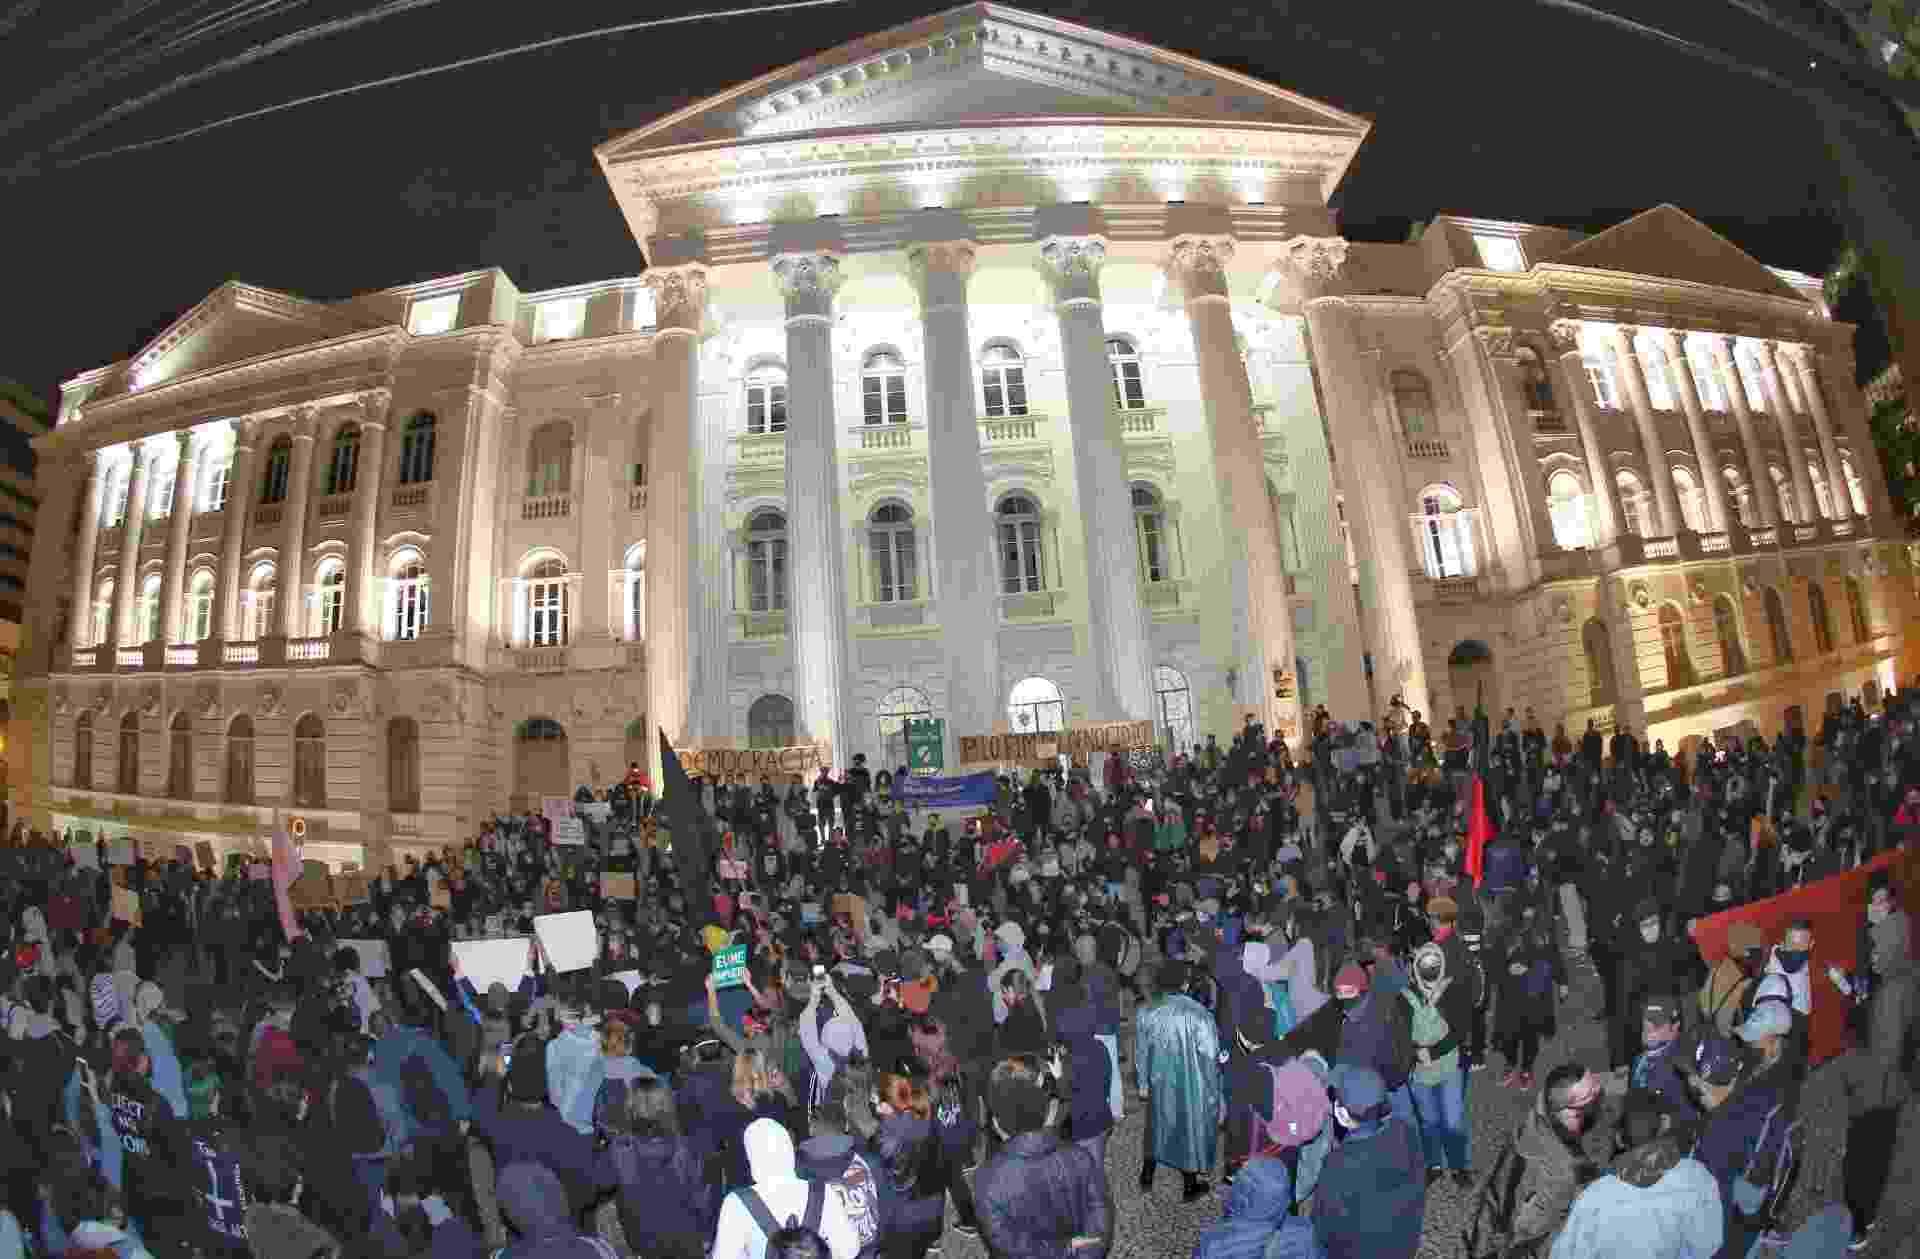 Manifestação contra o racismo é realizada em frente ao prédio histórico da Universidade Federal do Paraná, no centro de Curitiba - FRANKLIN FREITAS/ESTADÃO CONTEÚDO